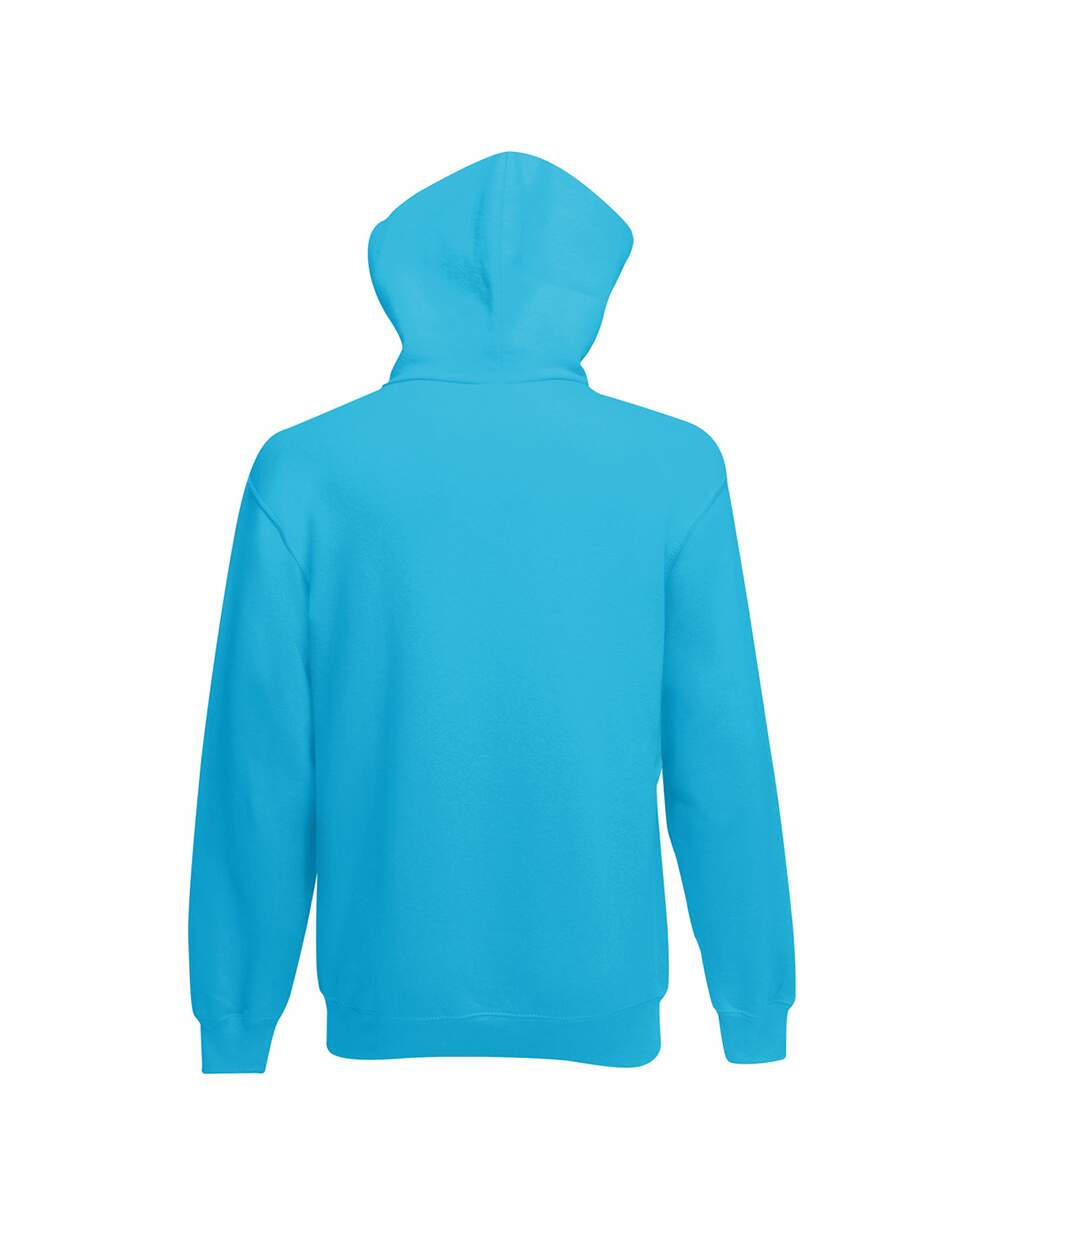 Fruit Of The Loom Mens Hooded Sweatshirt / Hoodie (Light Graphite) - UTBC366